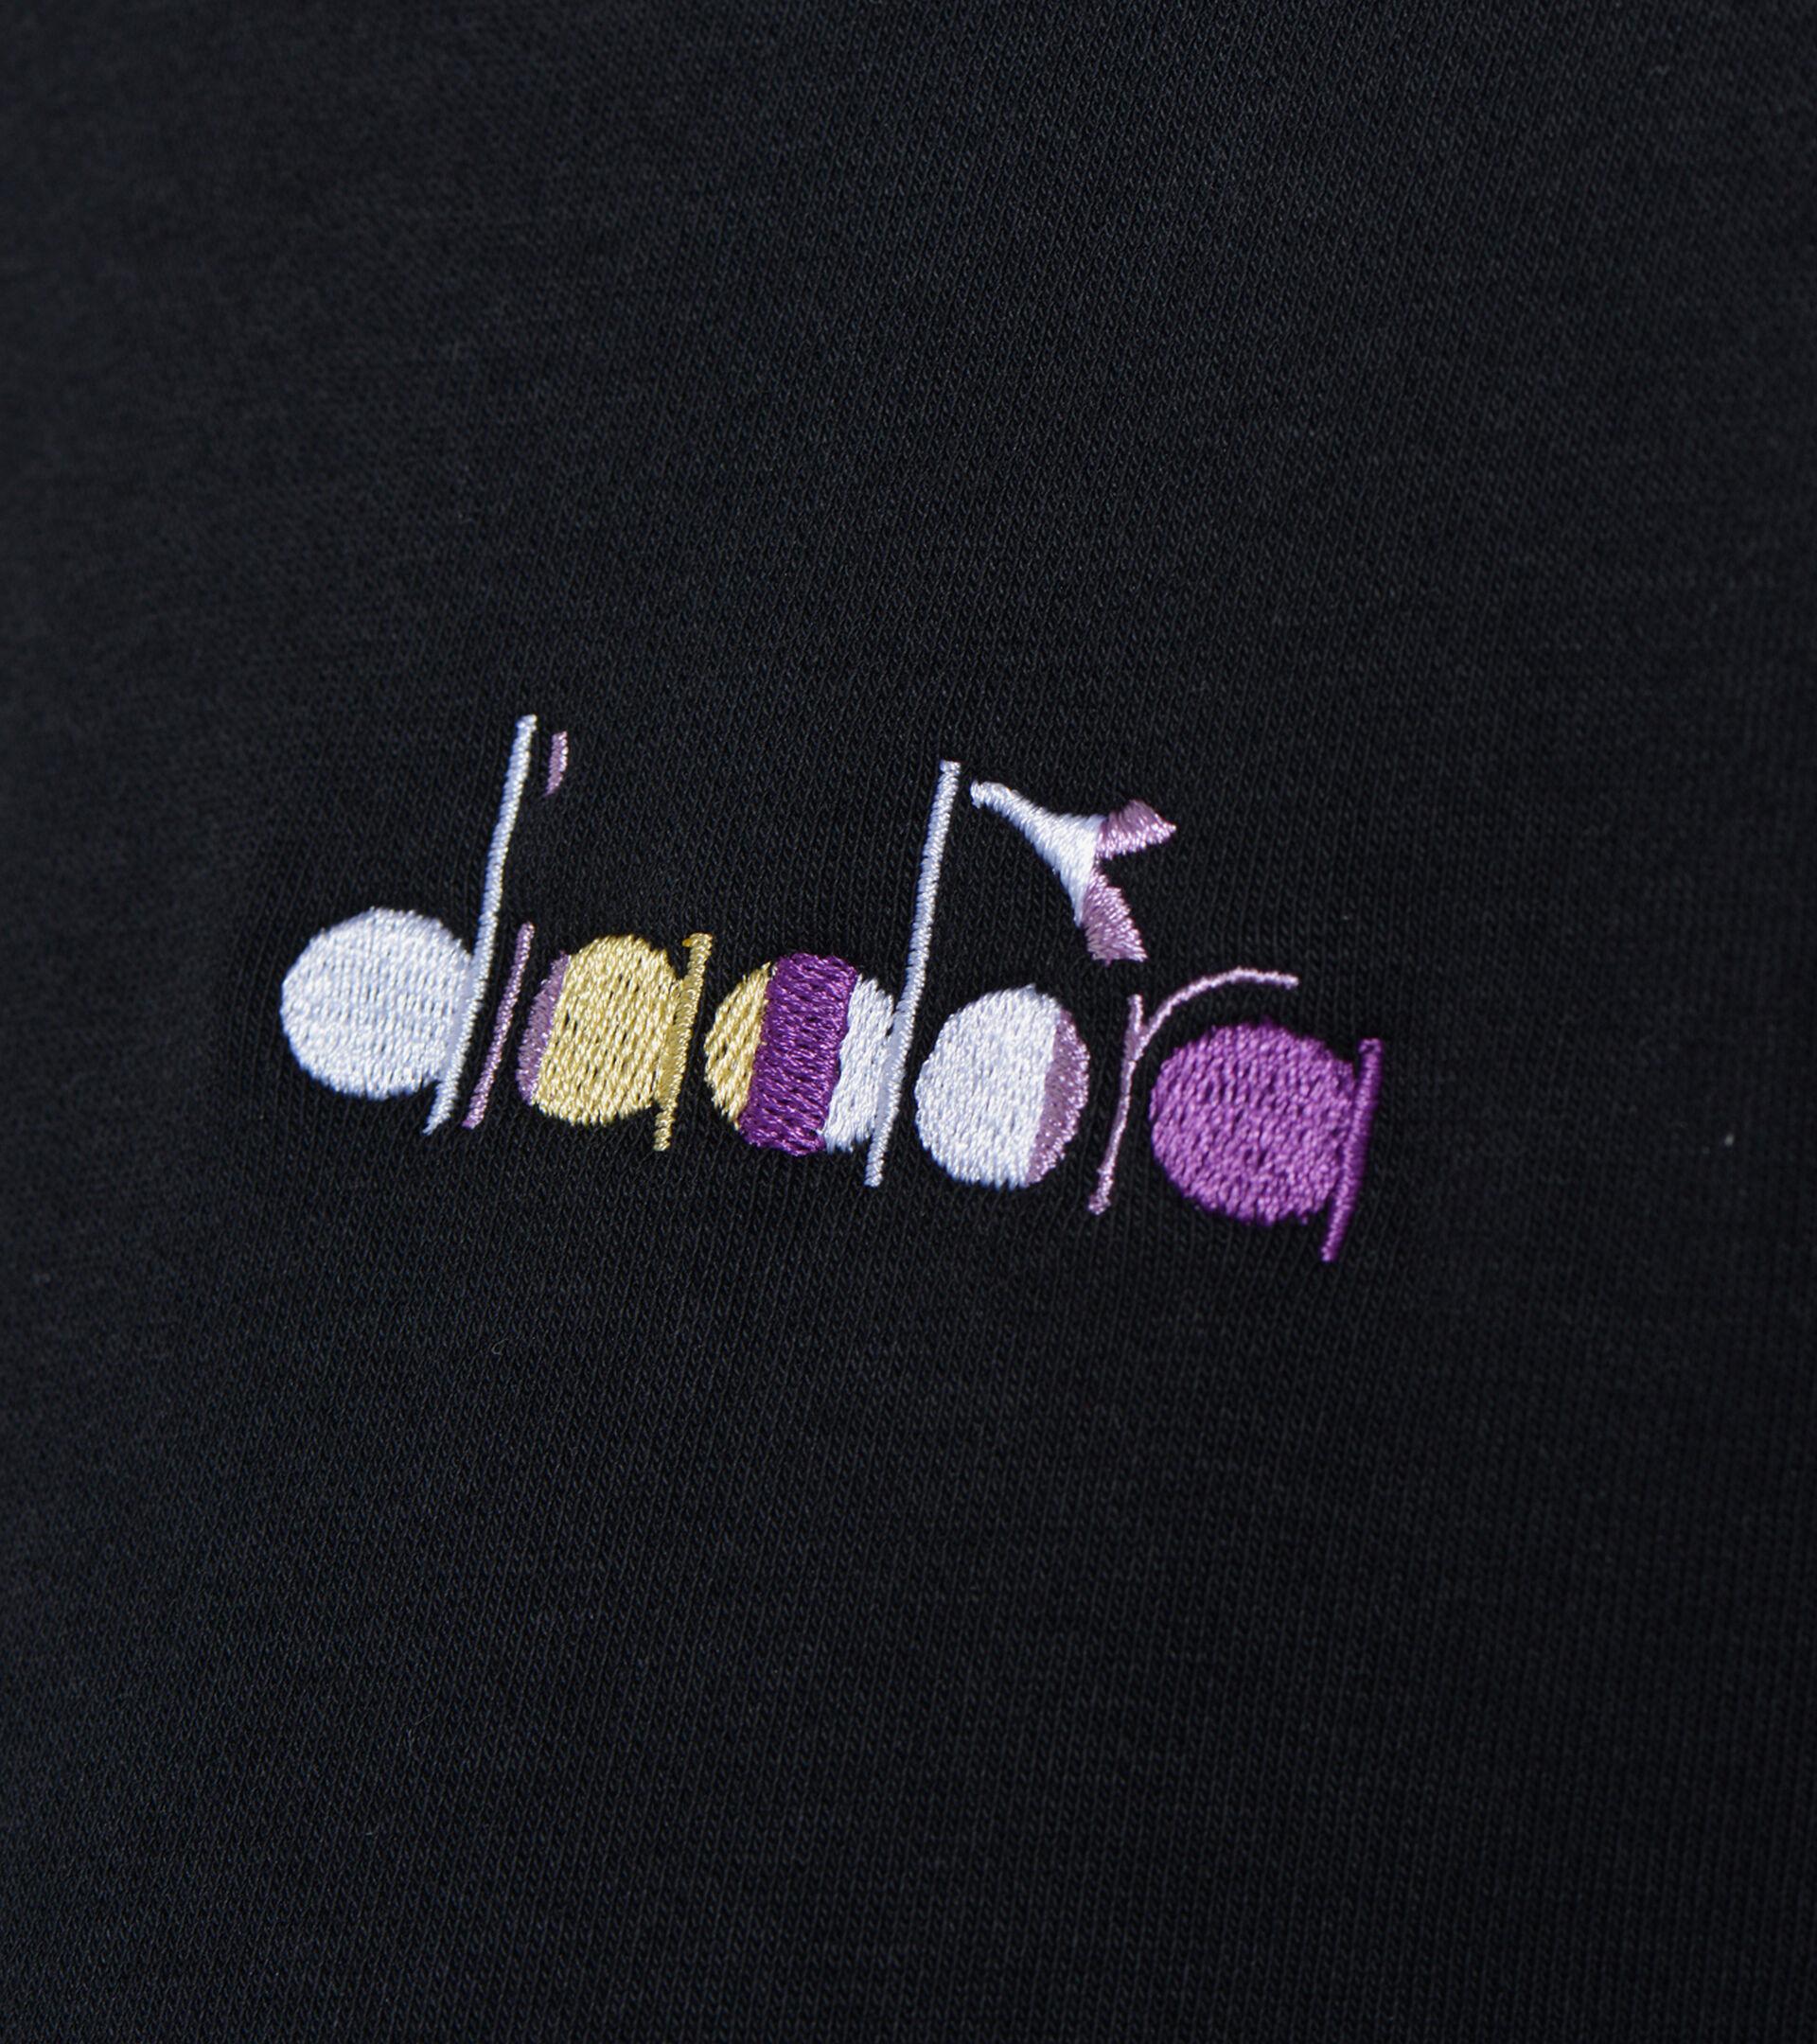 Sweater mit Rundhalsausschnitt - Damen L.SWEATSHIRT CREW SPOTLIGHT SCHWARZ - Diadora